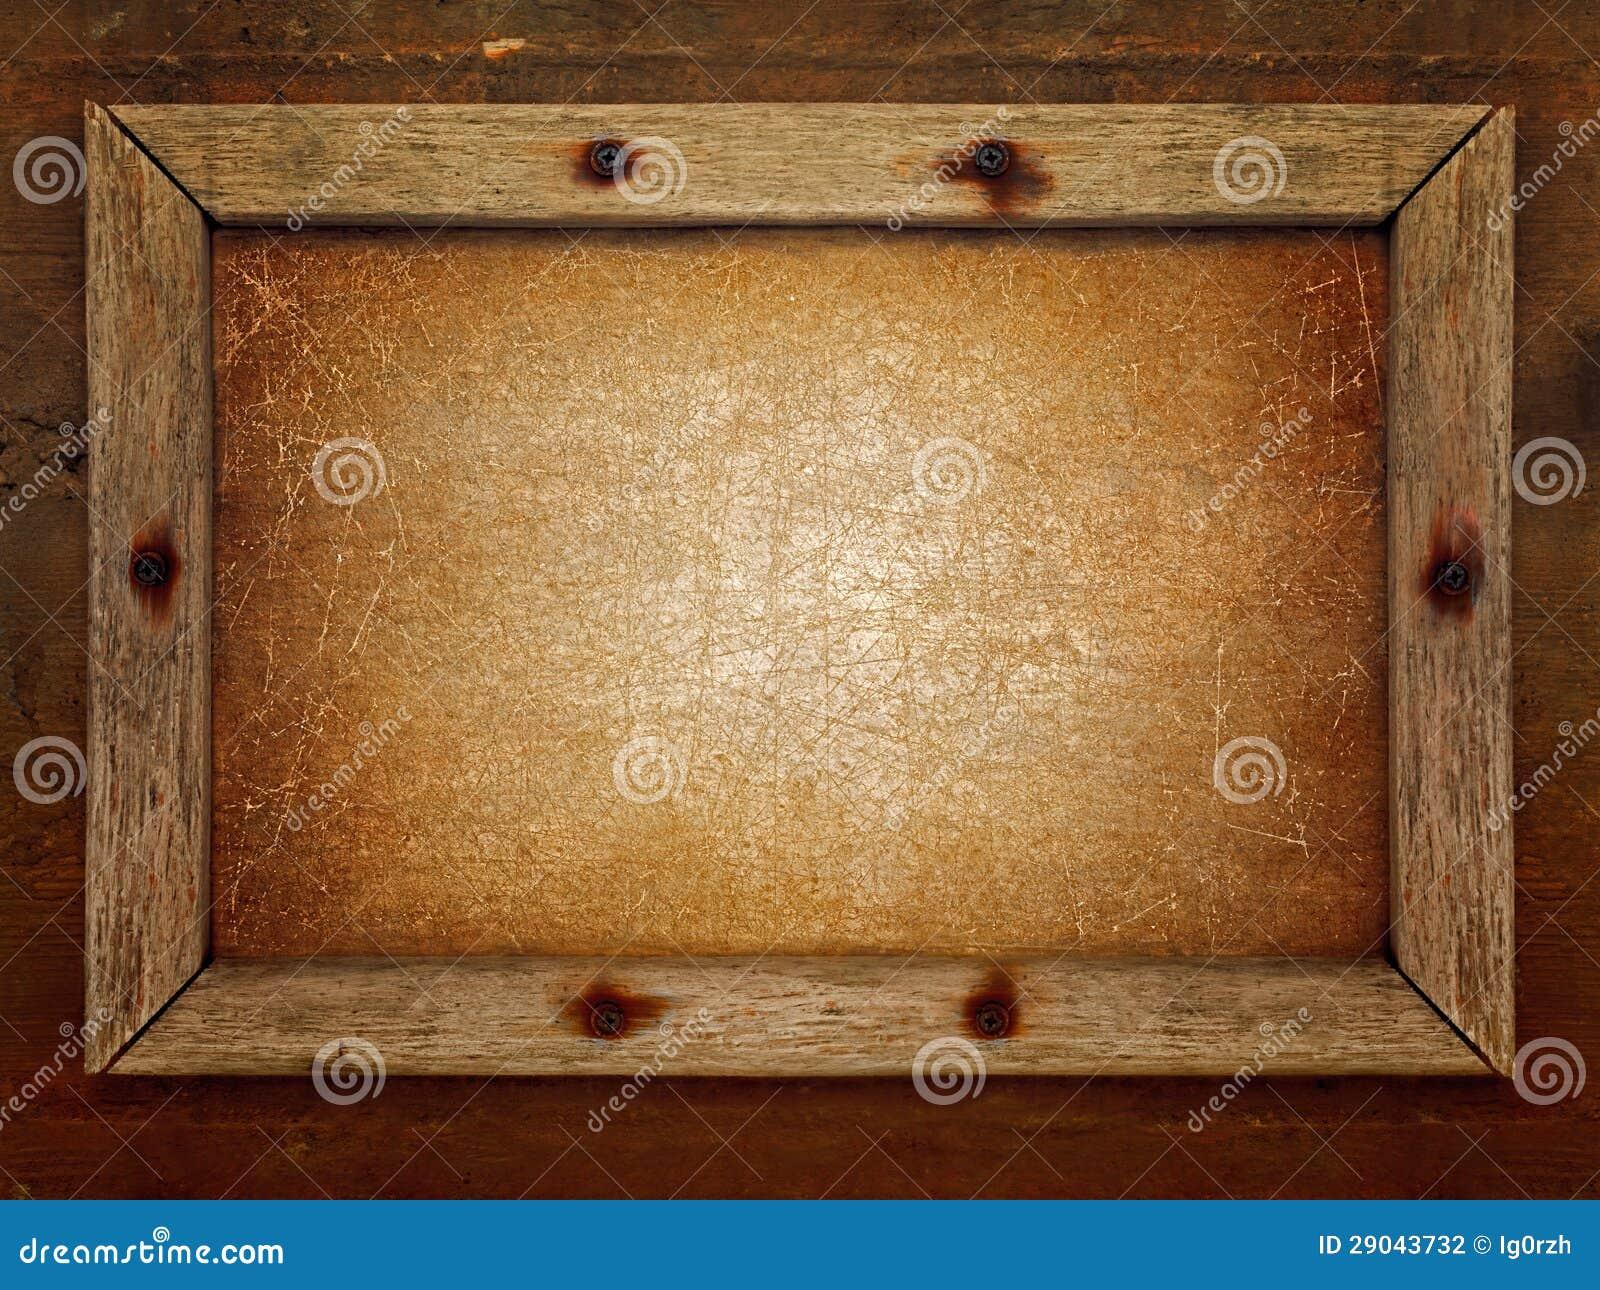 Alter Holzrahmen stockfoto. Bild von schmutzig, gealtert - 29043732